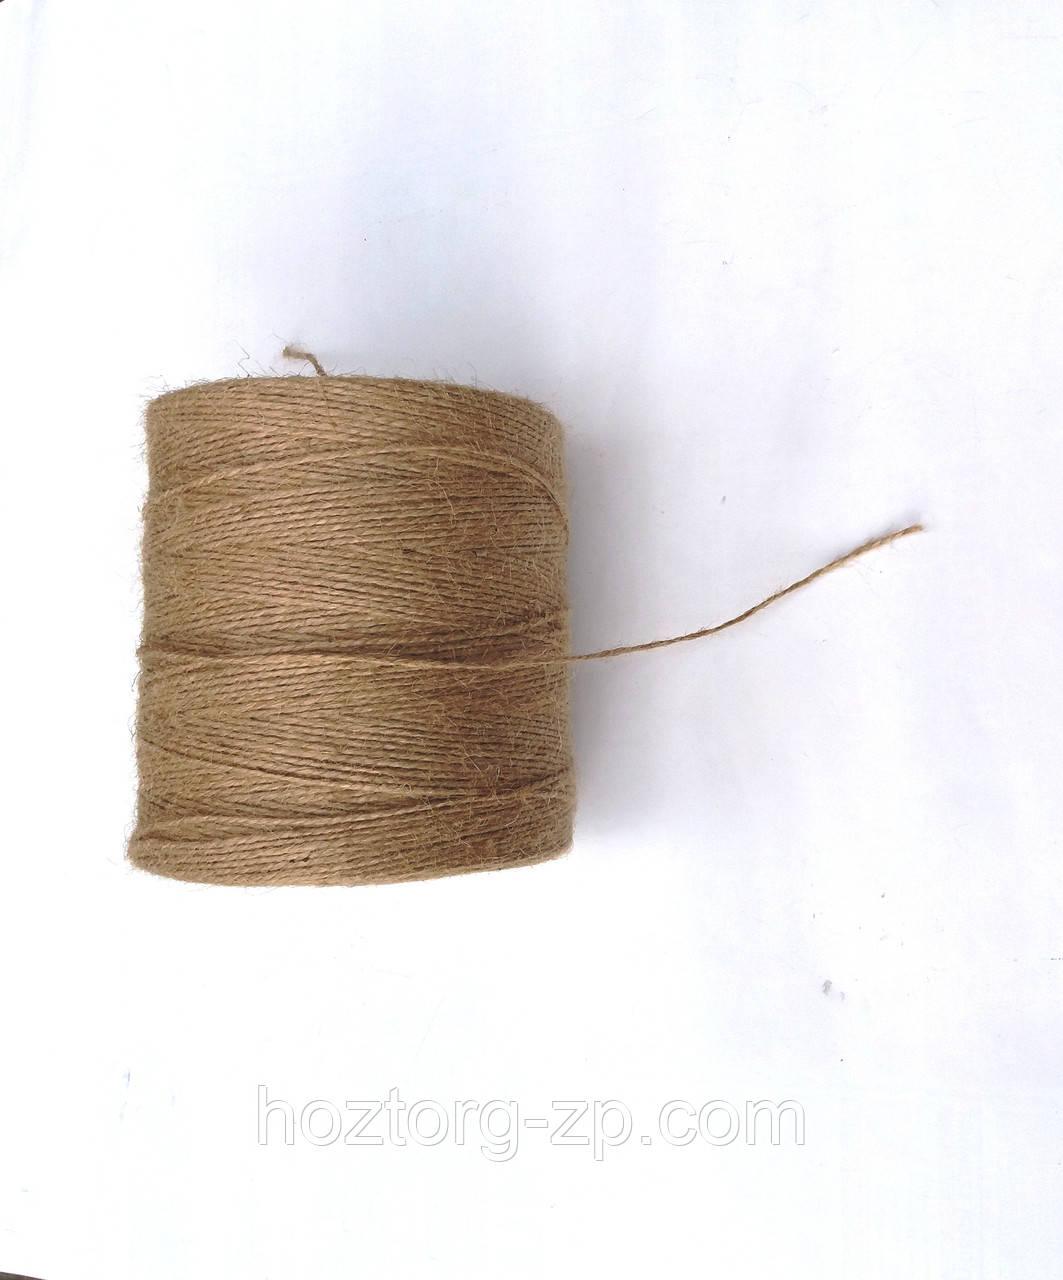 Бечёвка(нитка) джутовая декоративная